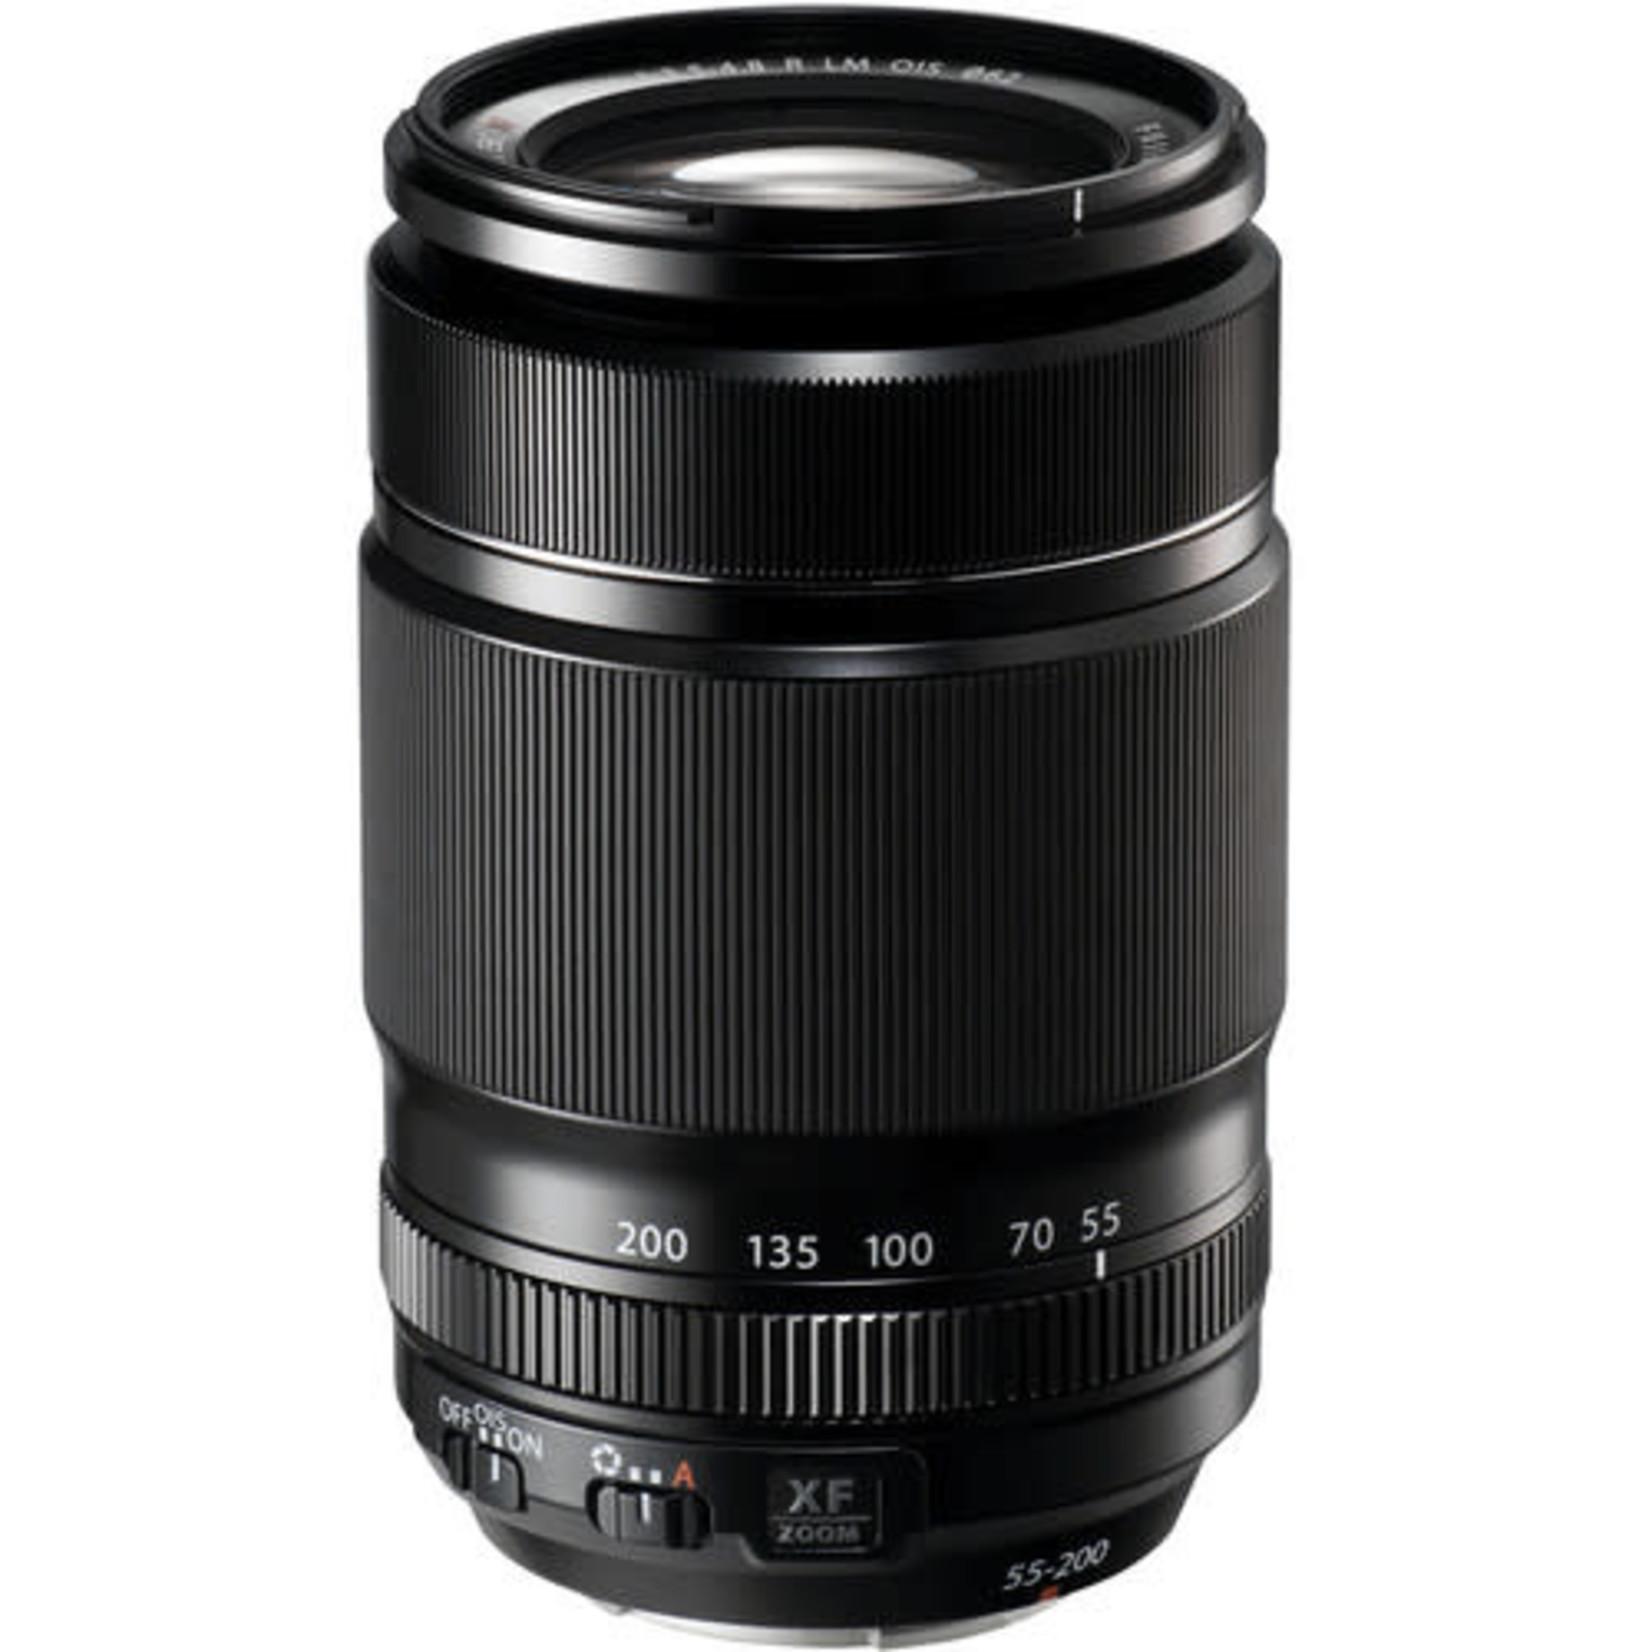 FujiFilm FujiFilm XF 55-200mm f/3.4-4.8 R LM OIS Lens